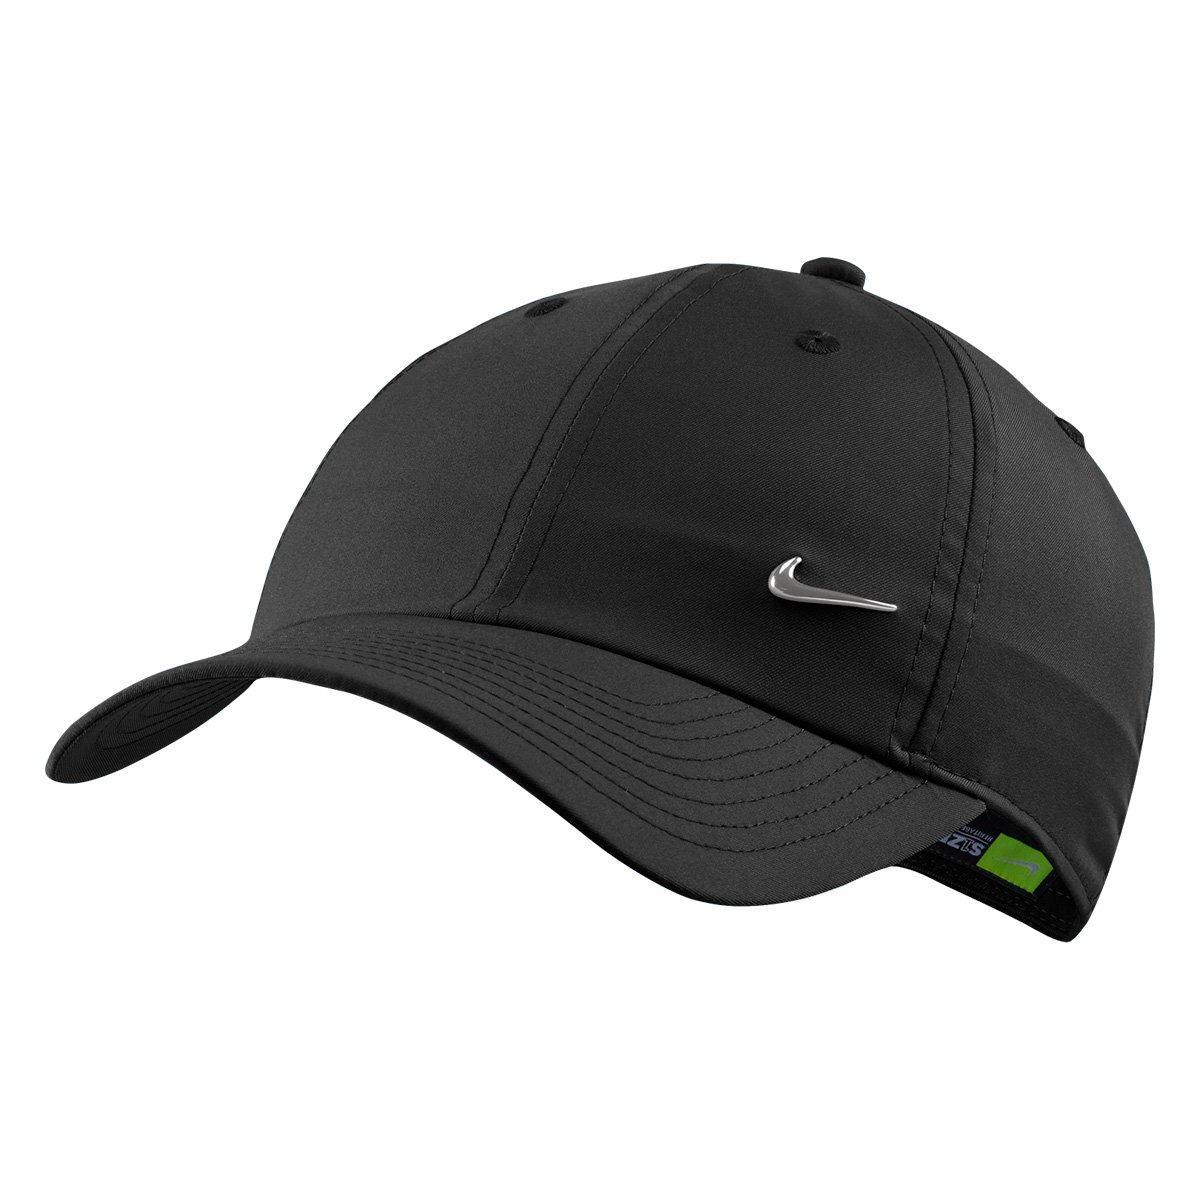 Bonés Nike - Comprar com os melhores Preços  c0a5cee38f5